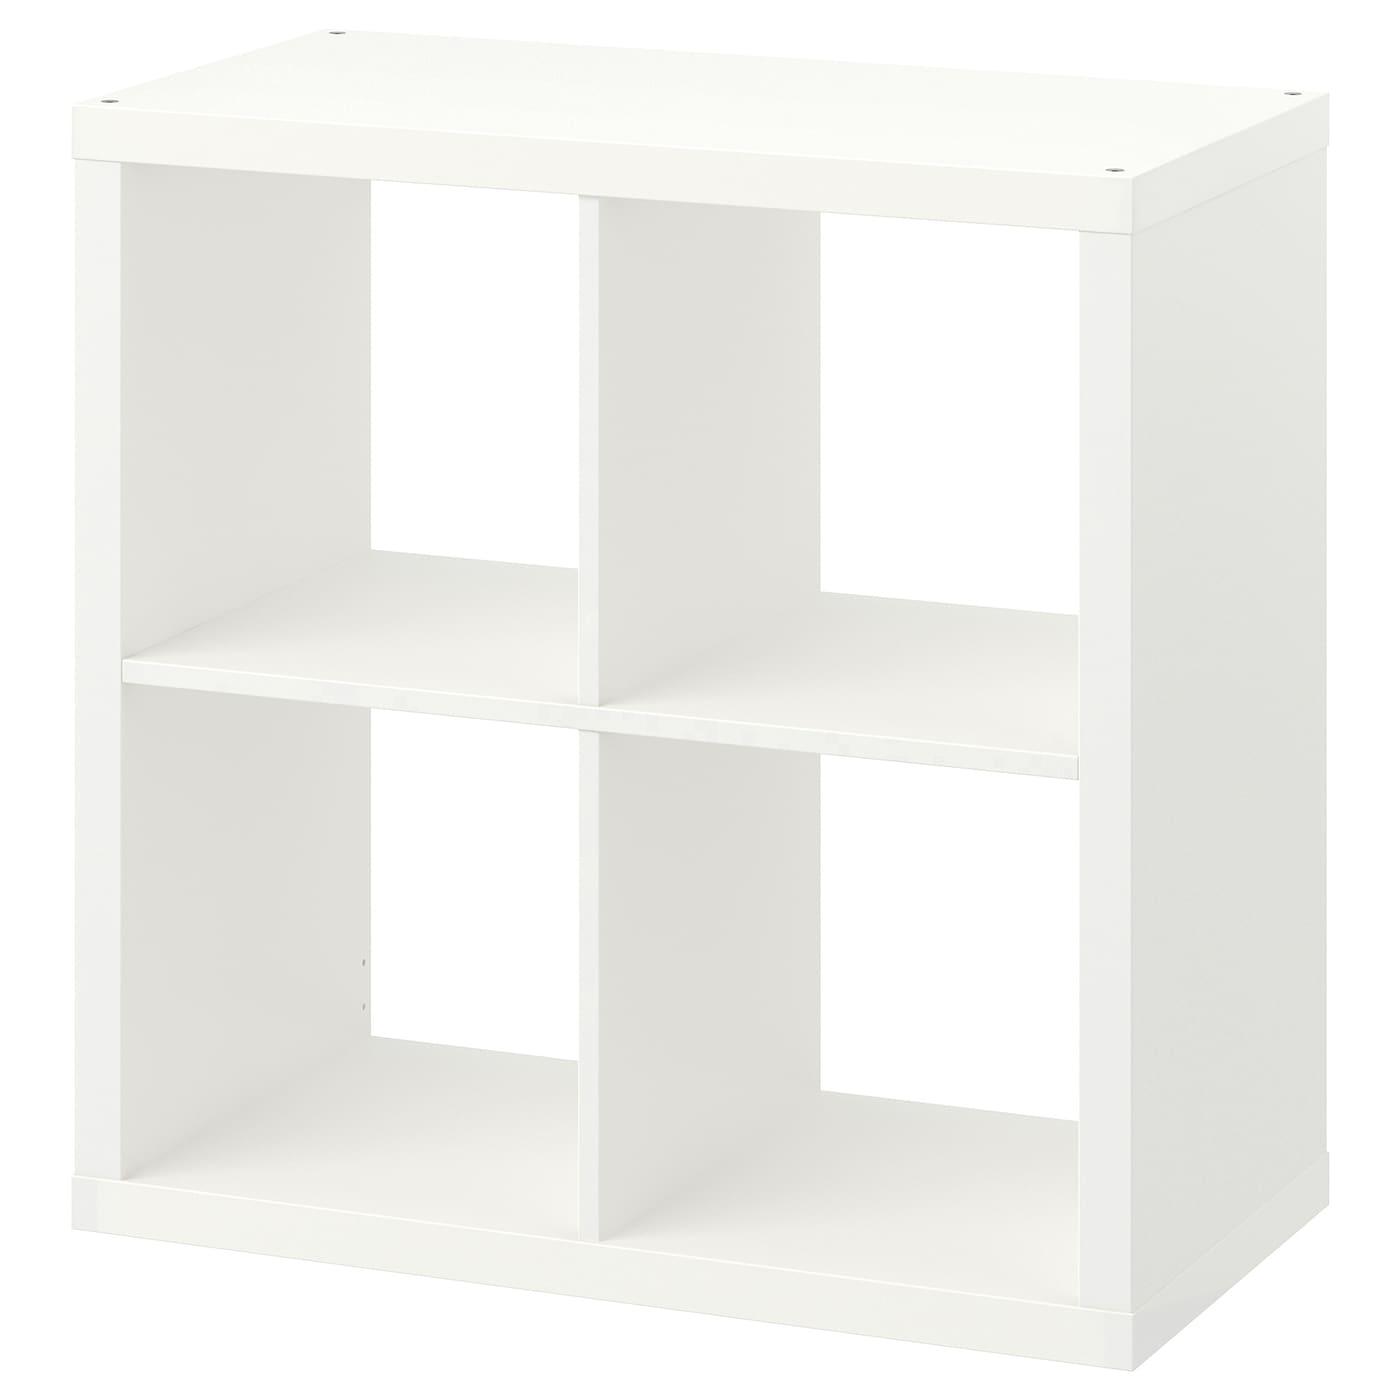 https://www.ikea.com/be/nl/images/products/kallax-open-kast-wit__0644753_pe702937_s5.jpg